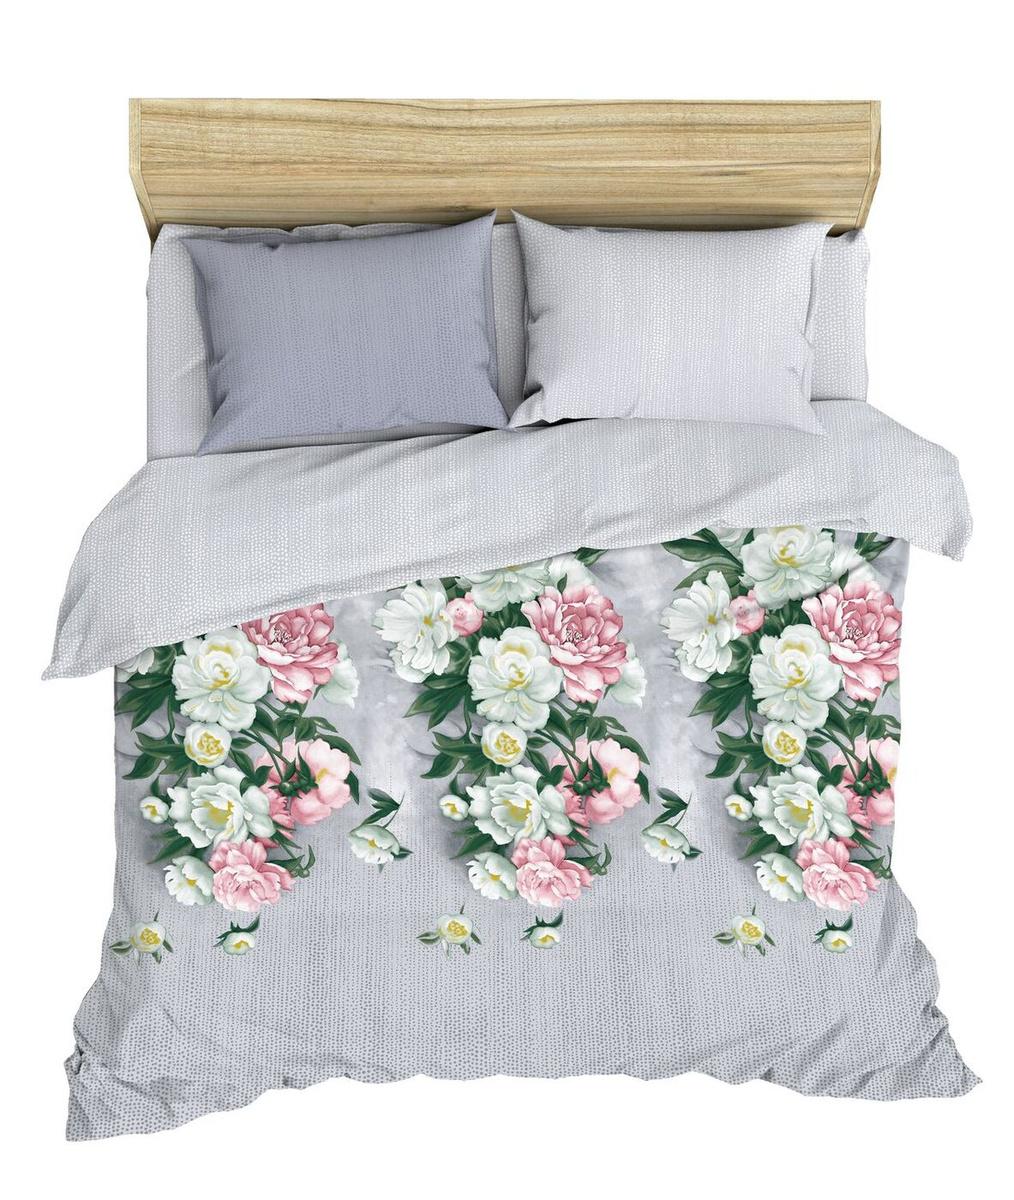 Комплект постельного белья Василиса Хрустальные звезды Парижа Баккара 1,5 спальный, Бязь, наволочки 70x70 #1